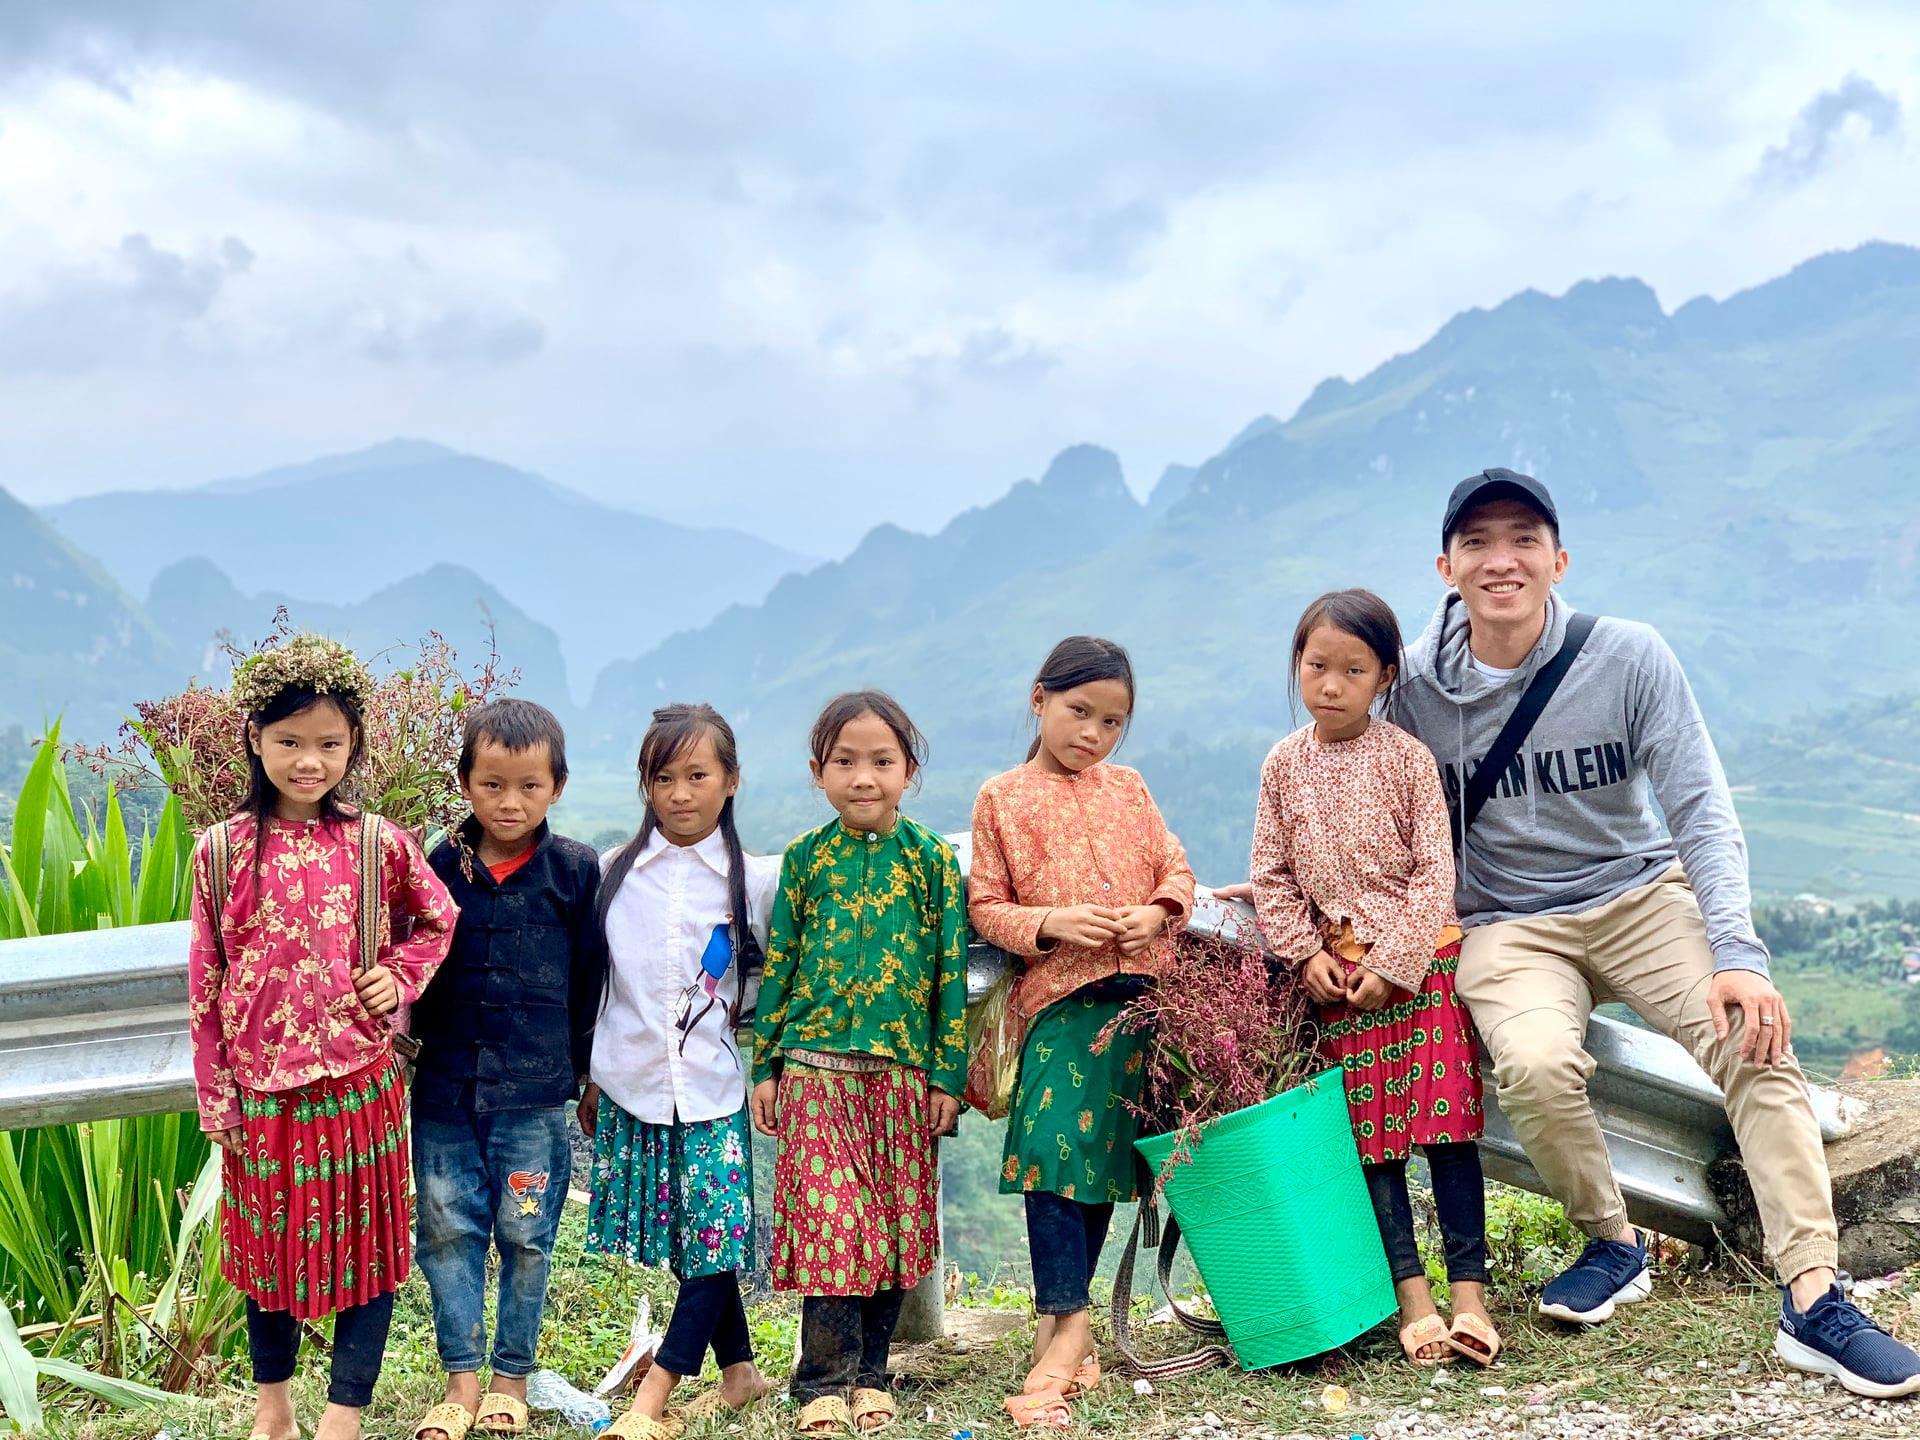 Kinh nghiệm khám phá trọn vẹn Hà Giang với chuyến đi ngắn ngày cuối tuần - Ảnh 2.